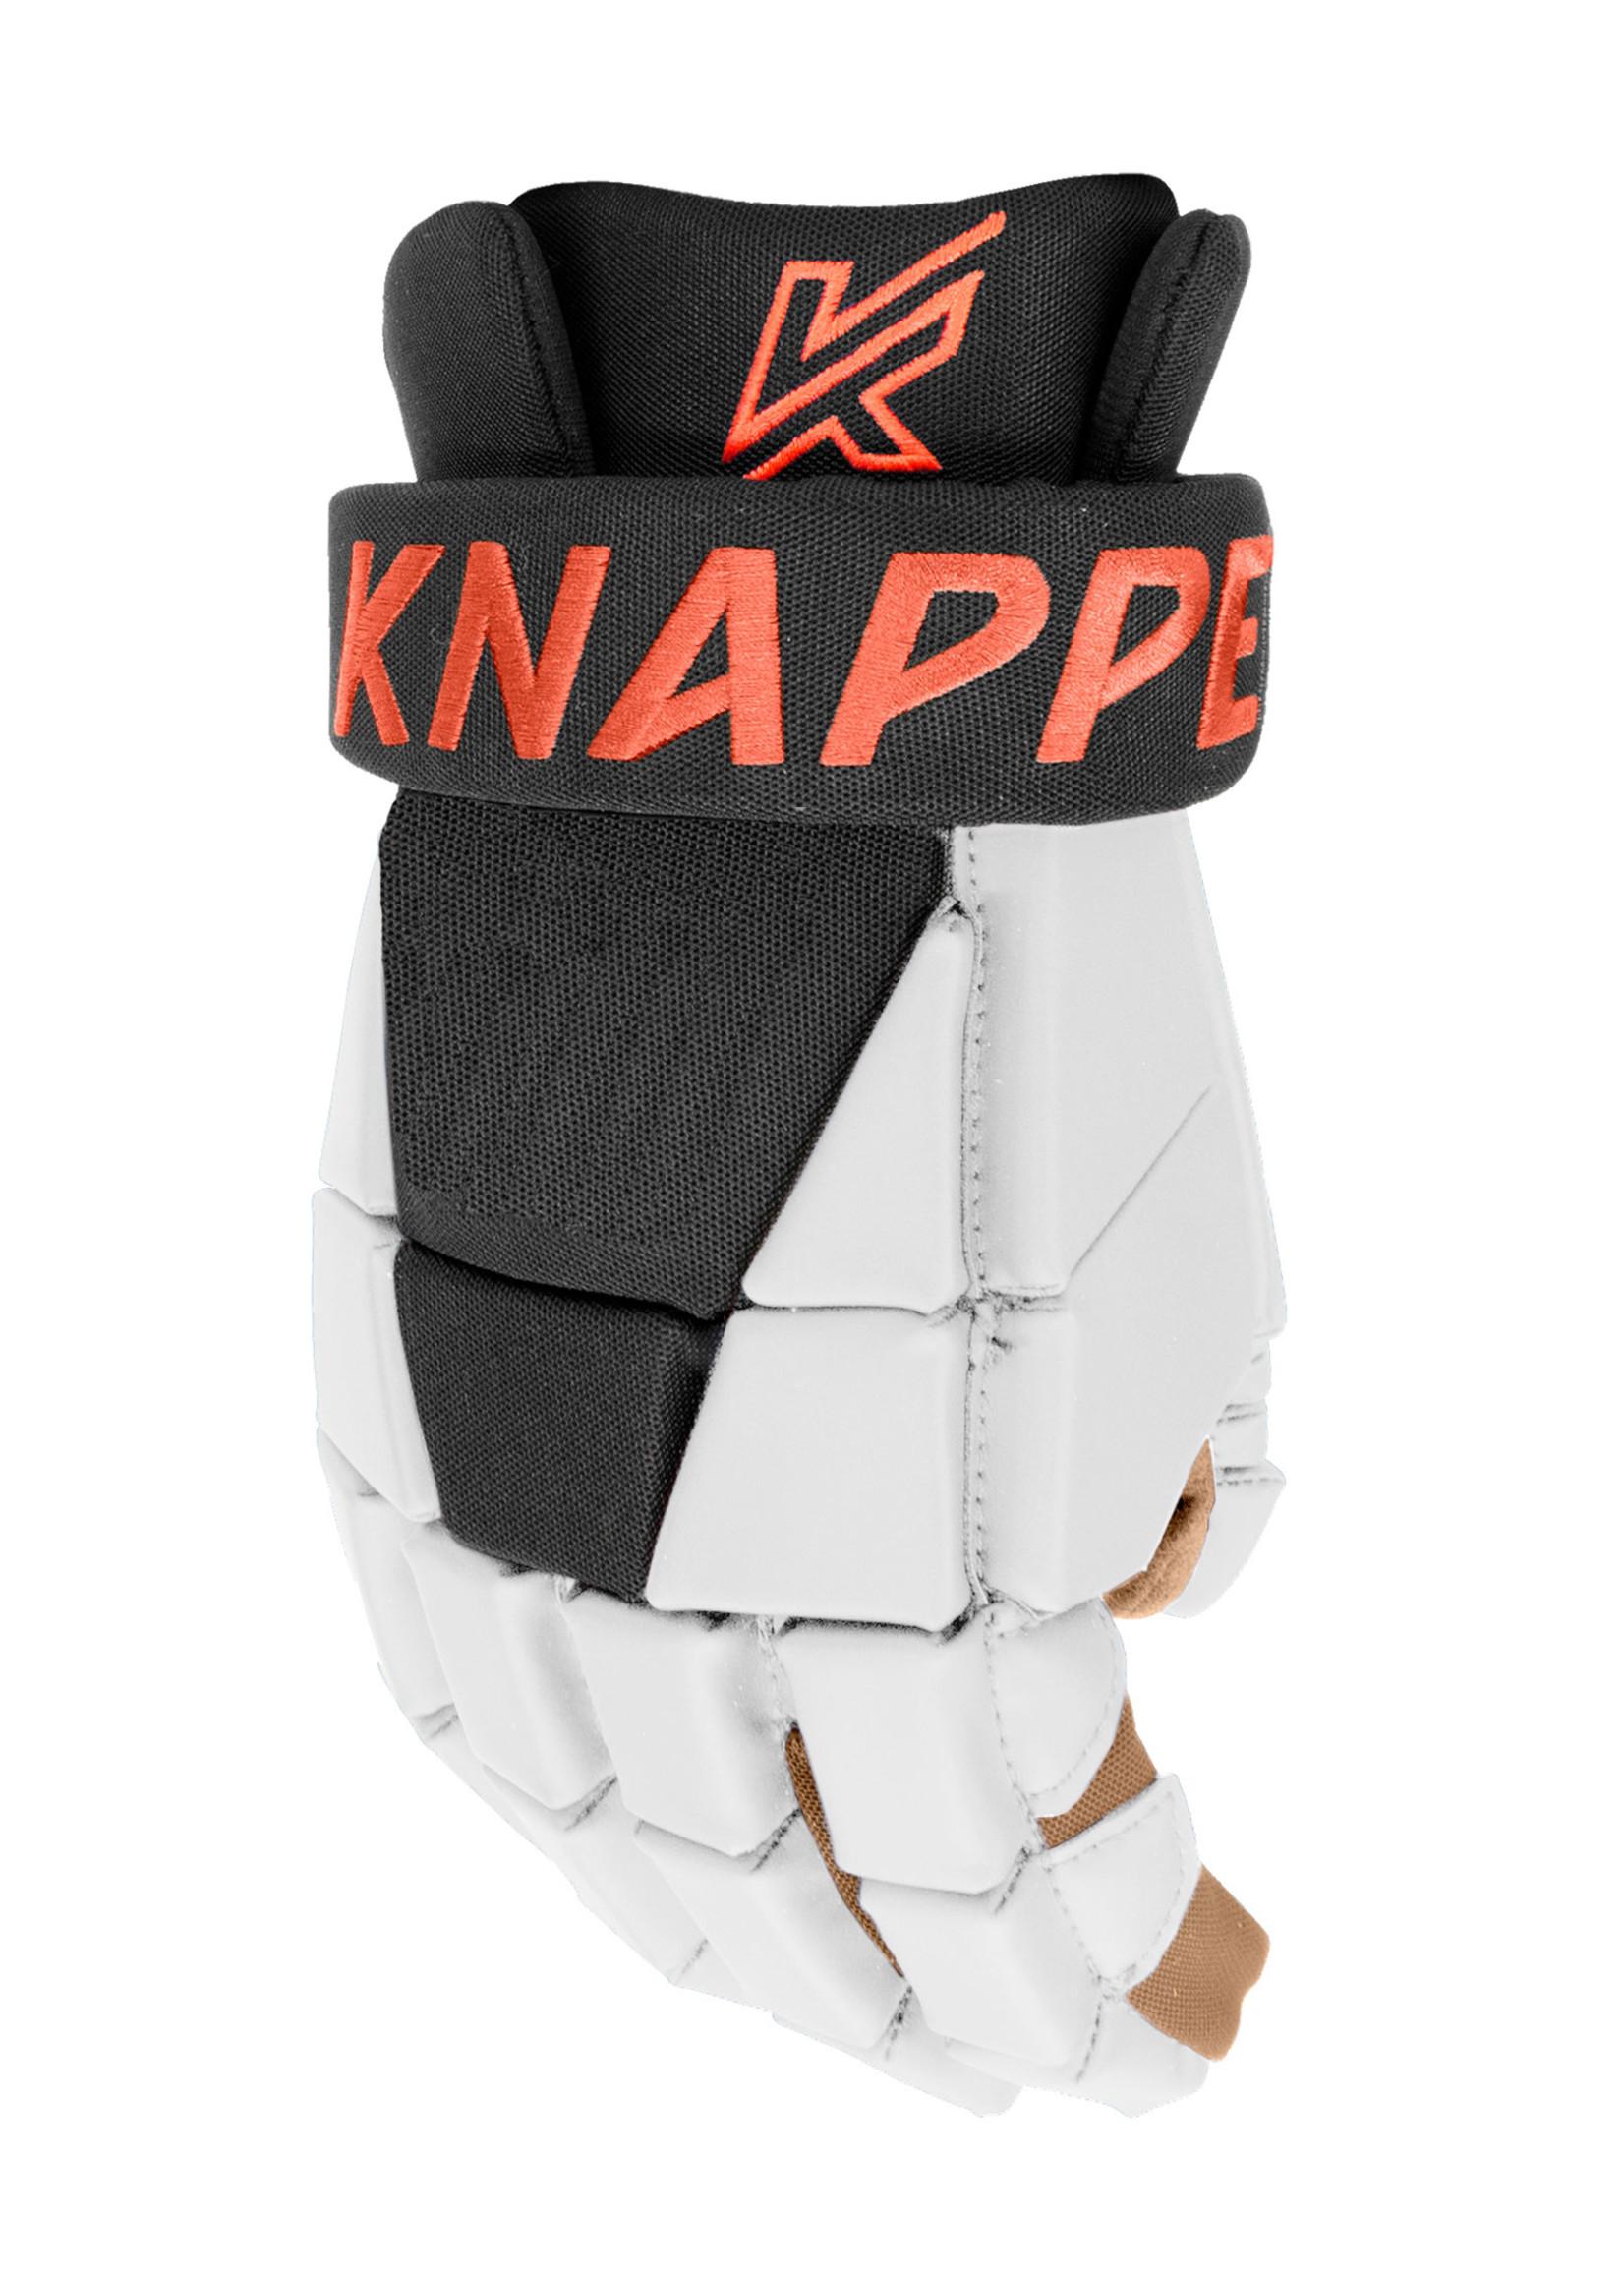 Knapper KNAPPER AK3 SR GANTS